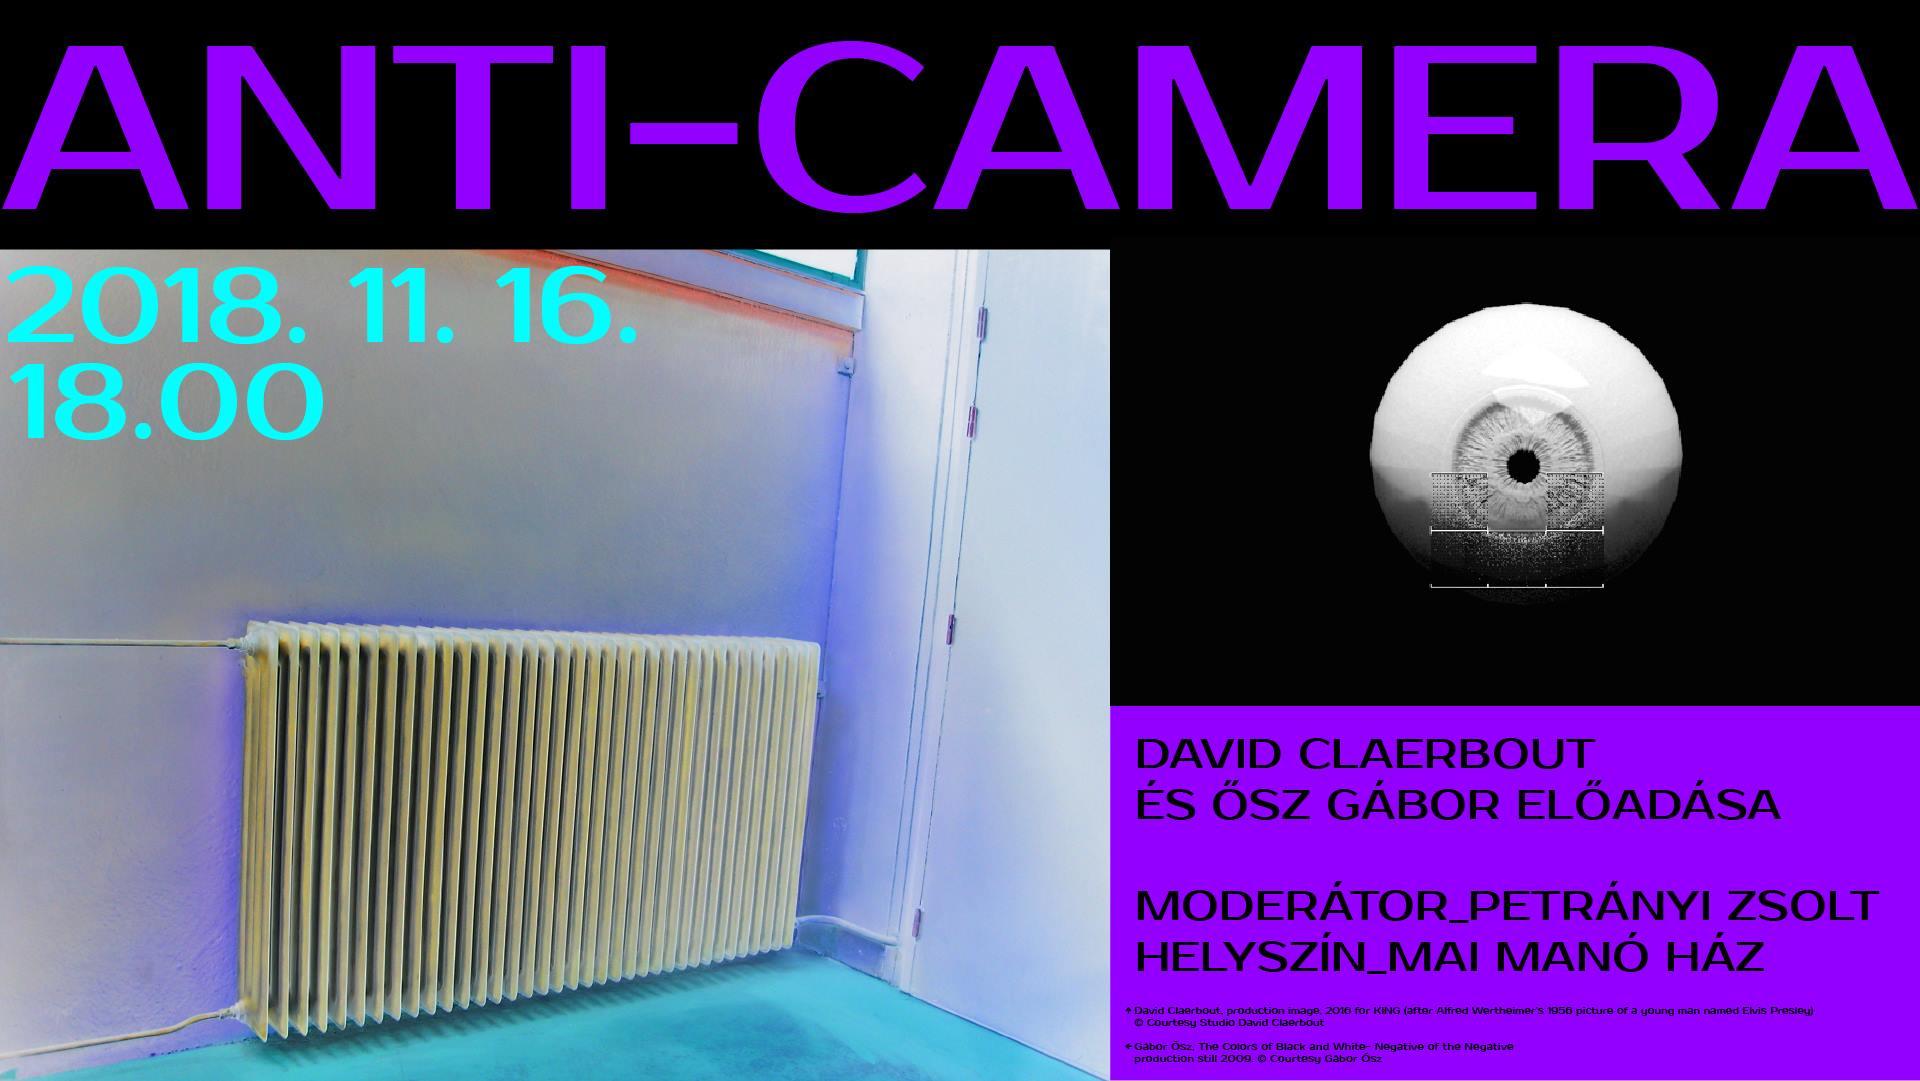 Anti-camera - David Claerbout és Ősz Gábor előadása ma a Mai Manó Házban